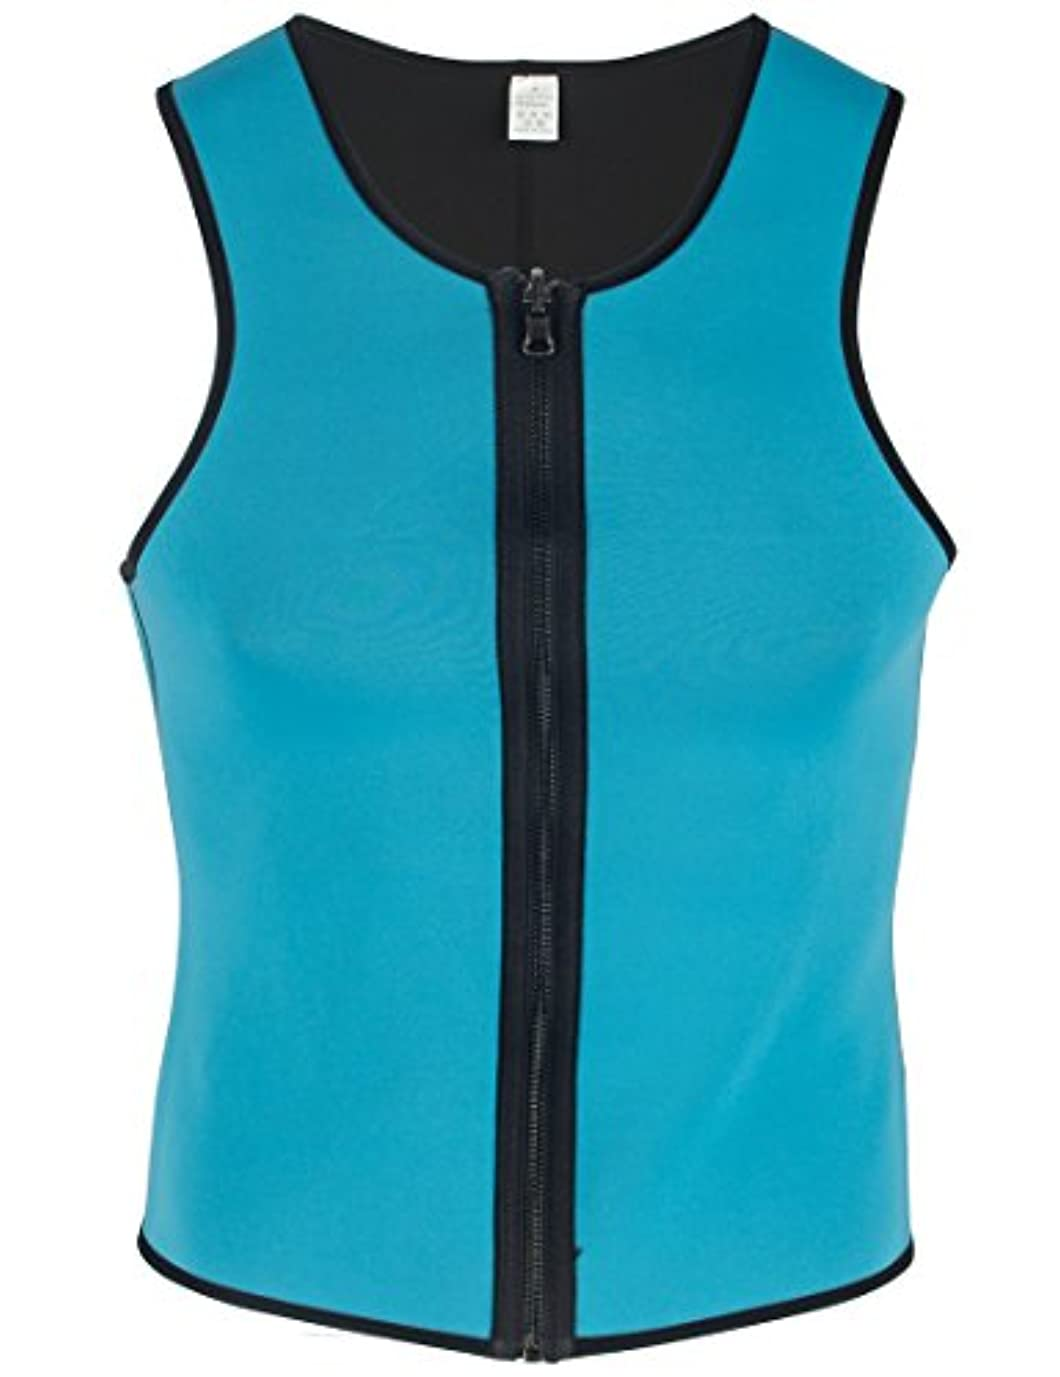 バッフル安定しました主要なHioffer(ハイオフア)男性用 ボディシェイパー 腰痛サポート 脂肪燃焼 ウエストニッパー コルセット ダイエット用 メンズ ボディスーツ 補整タンクトップ 補正下着